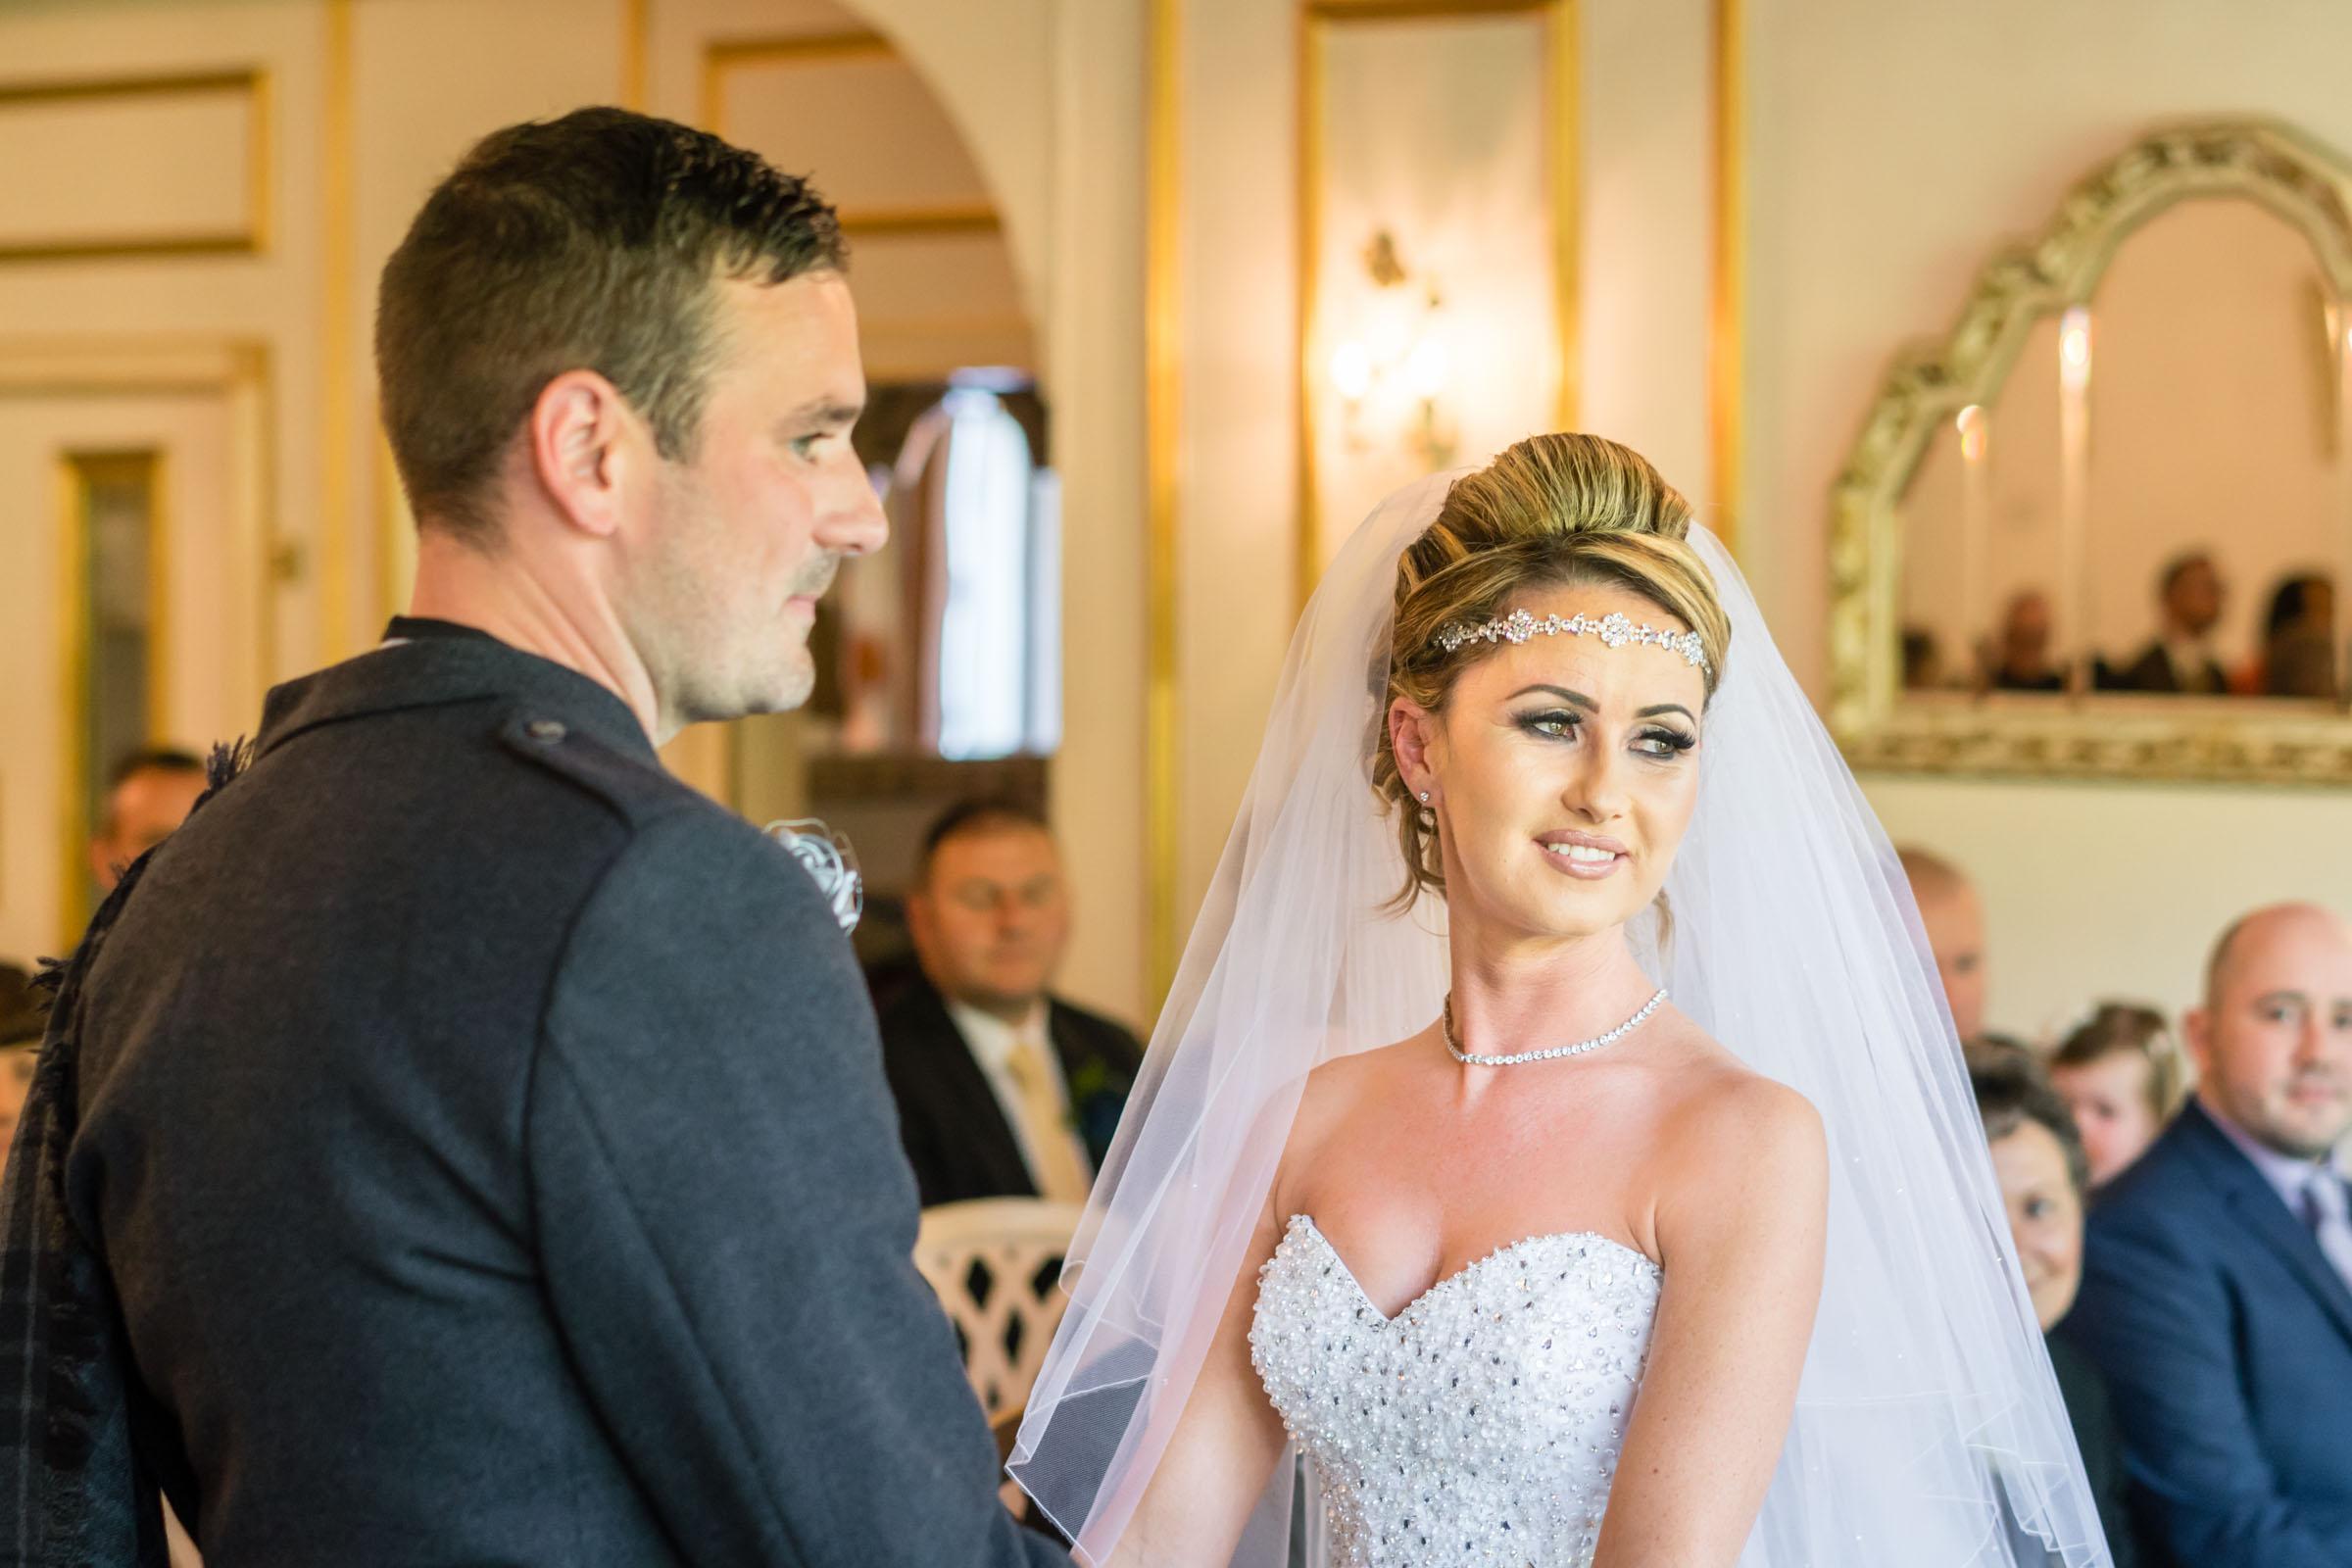 dalmeny-park-glasgow-wedding-dearlyphotography (5 of 16).jpg